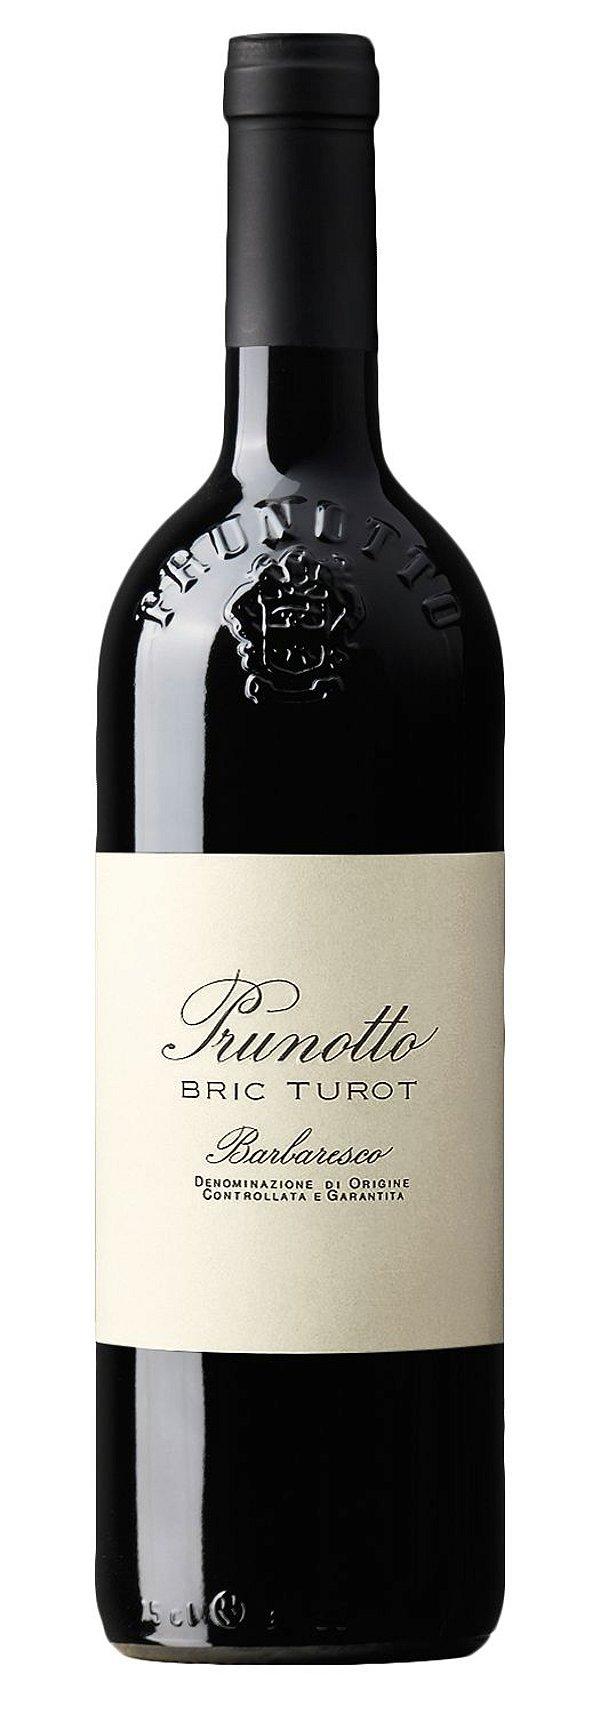 BARBARESCO BRIC TUROT DOCG ANTINORI VINHO ITALIANO TINTO 750ML